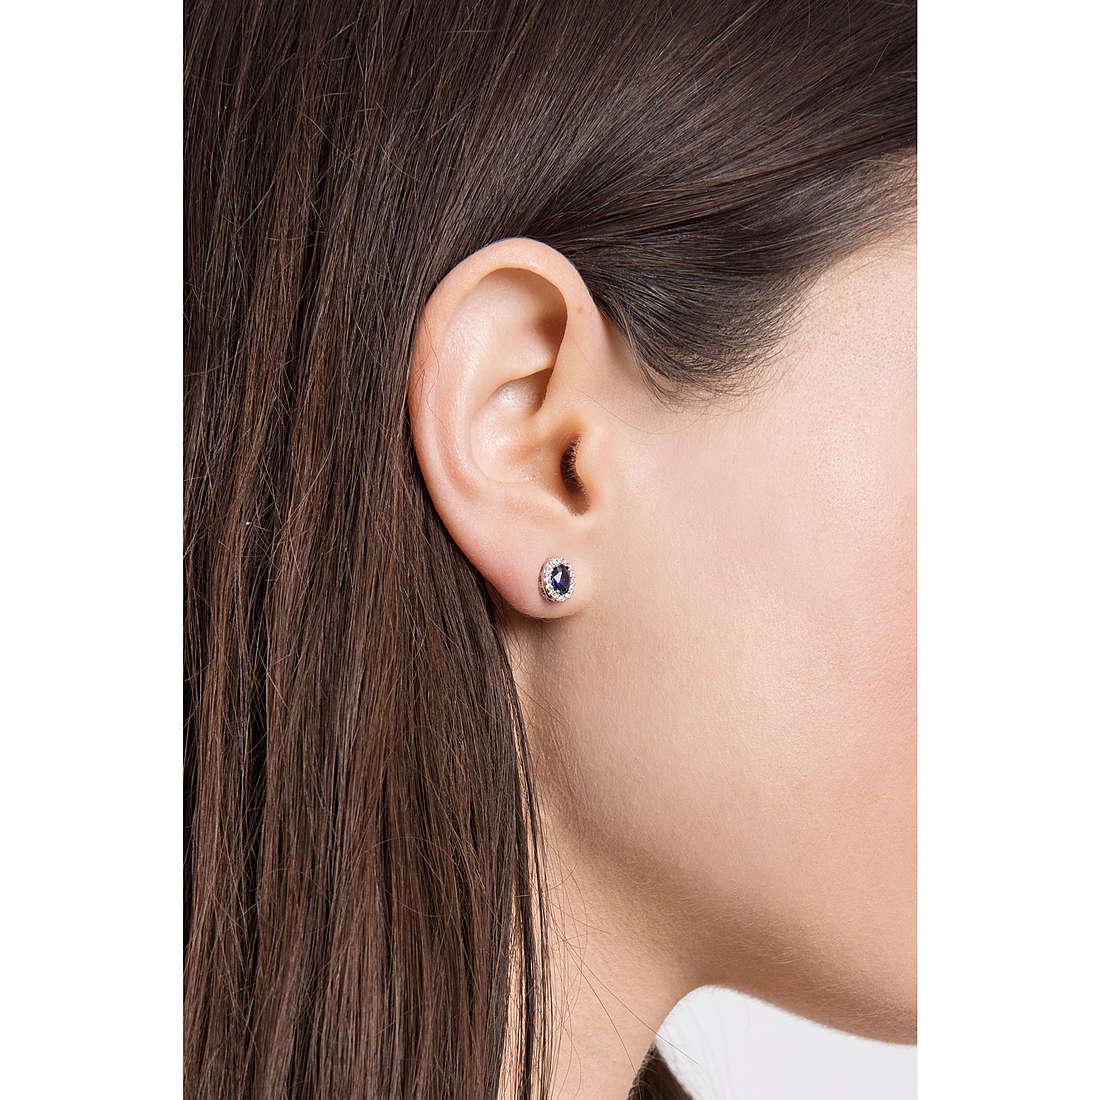 Comete boucles d'oreille Classic 07/14 femme ORB 738 photo wearing